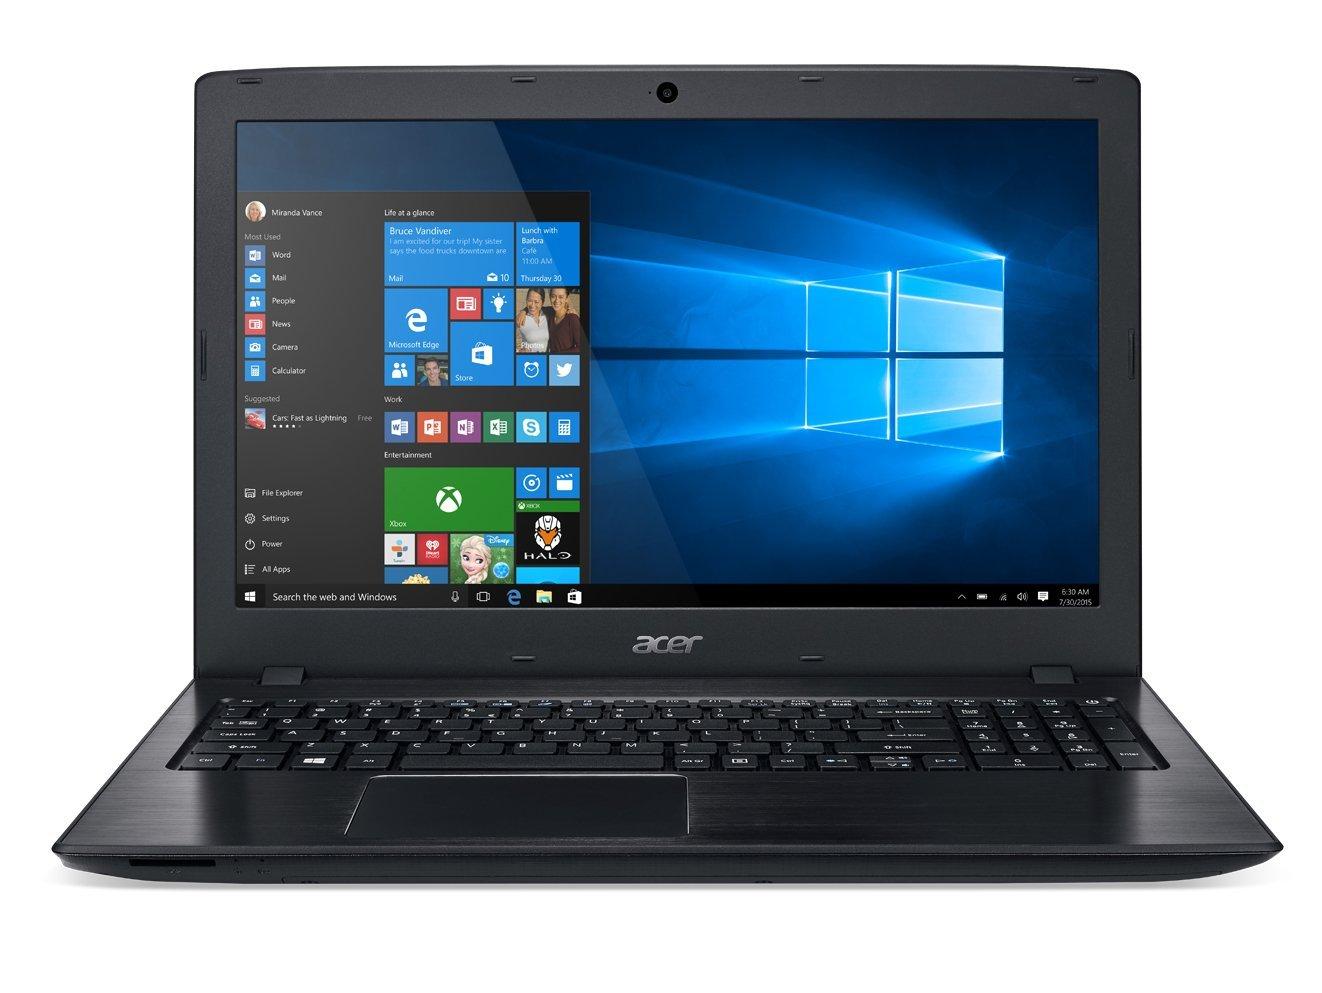 Acer Aspire E 15 E5-575-33BM 15.6-Inch FHD Notebook (Intel Core i3-7100U 7th Generation , 4GB DDR4, 1TB 5400RPM HD, HD Graphics 620, Win 10 $314.99